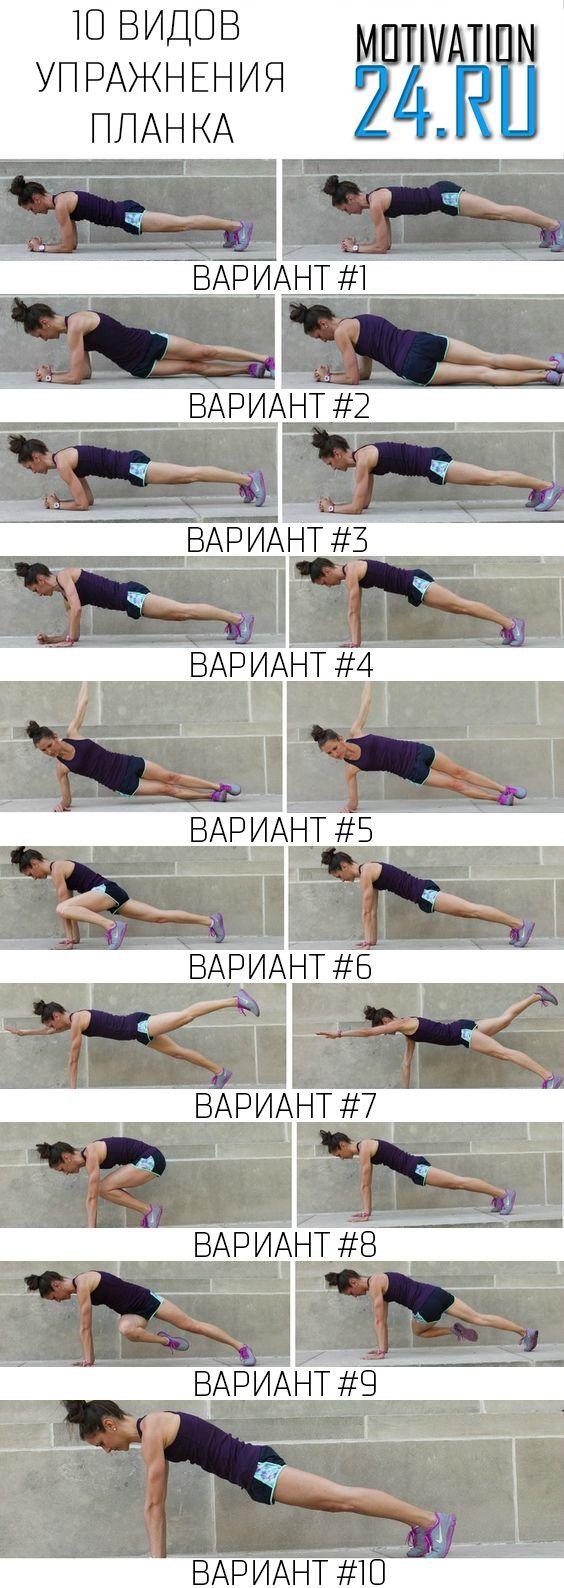 """10 минут упражнения """"планка"""". #живот #тренировка #спорт #фигура #тело"""